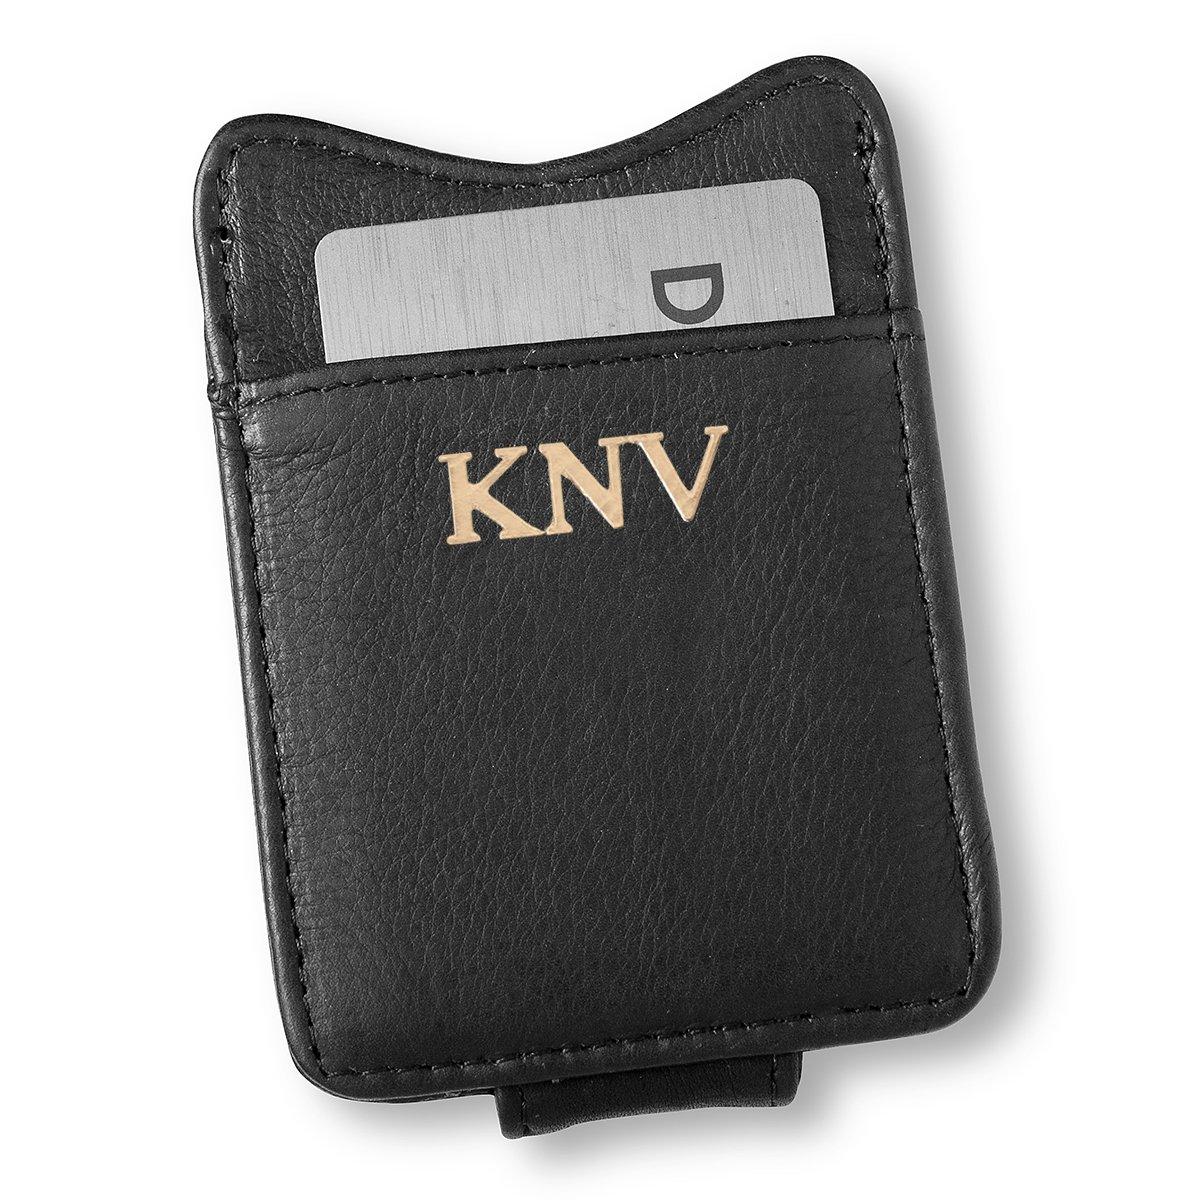 dfb2423f4513 Personalized Black Borello Leather Money Clip - Gold at Amazon Men's ...